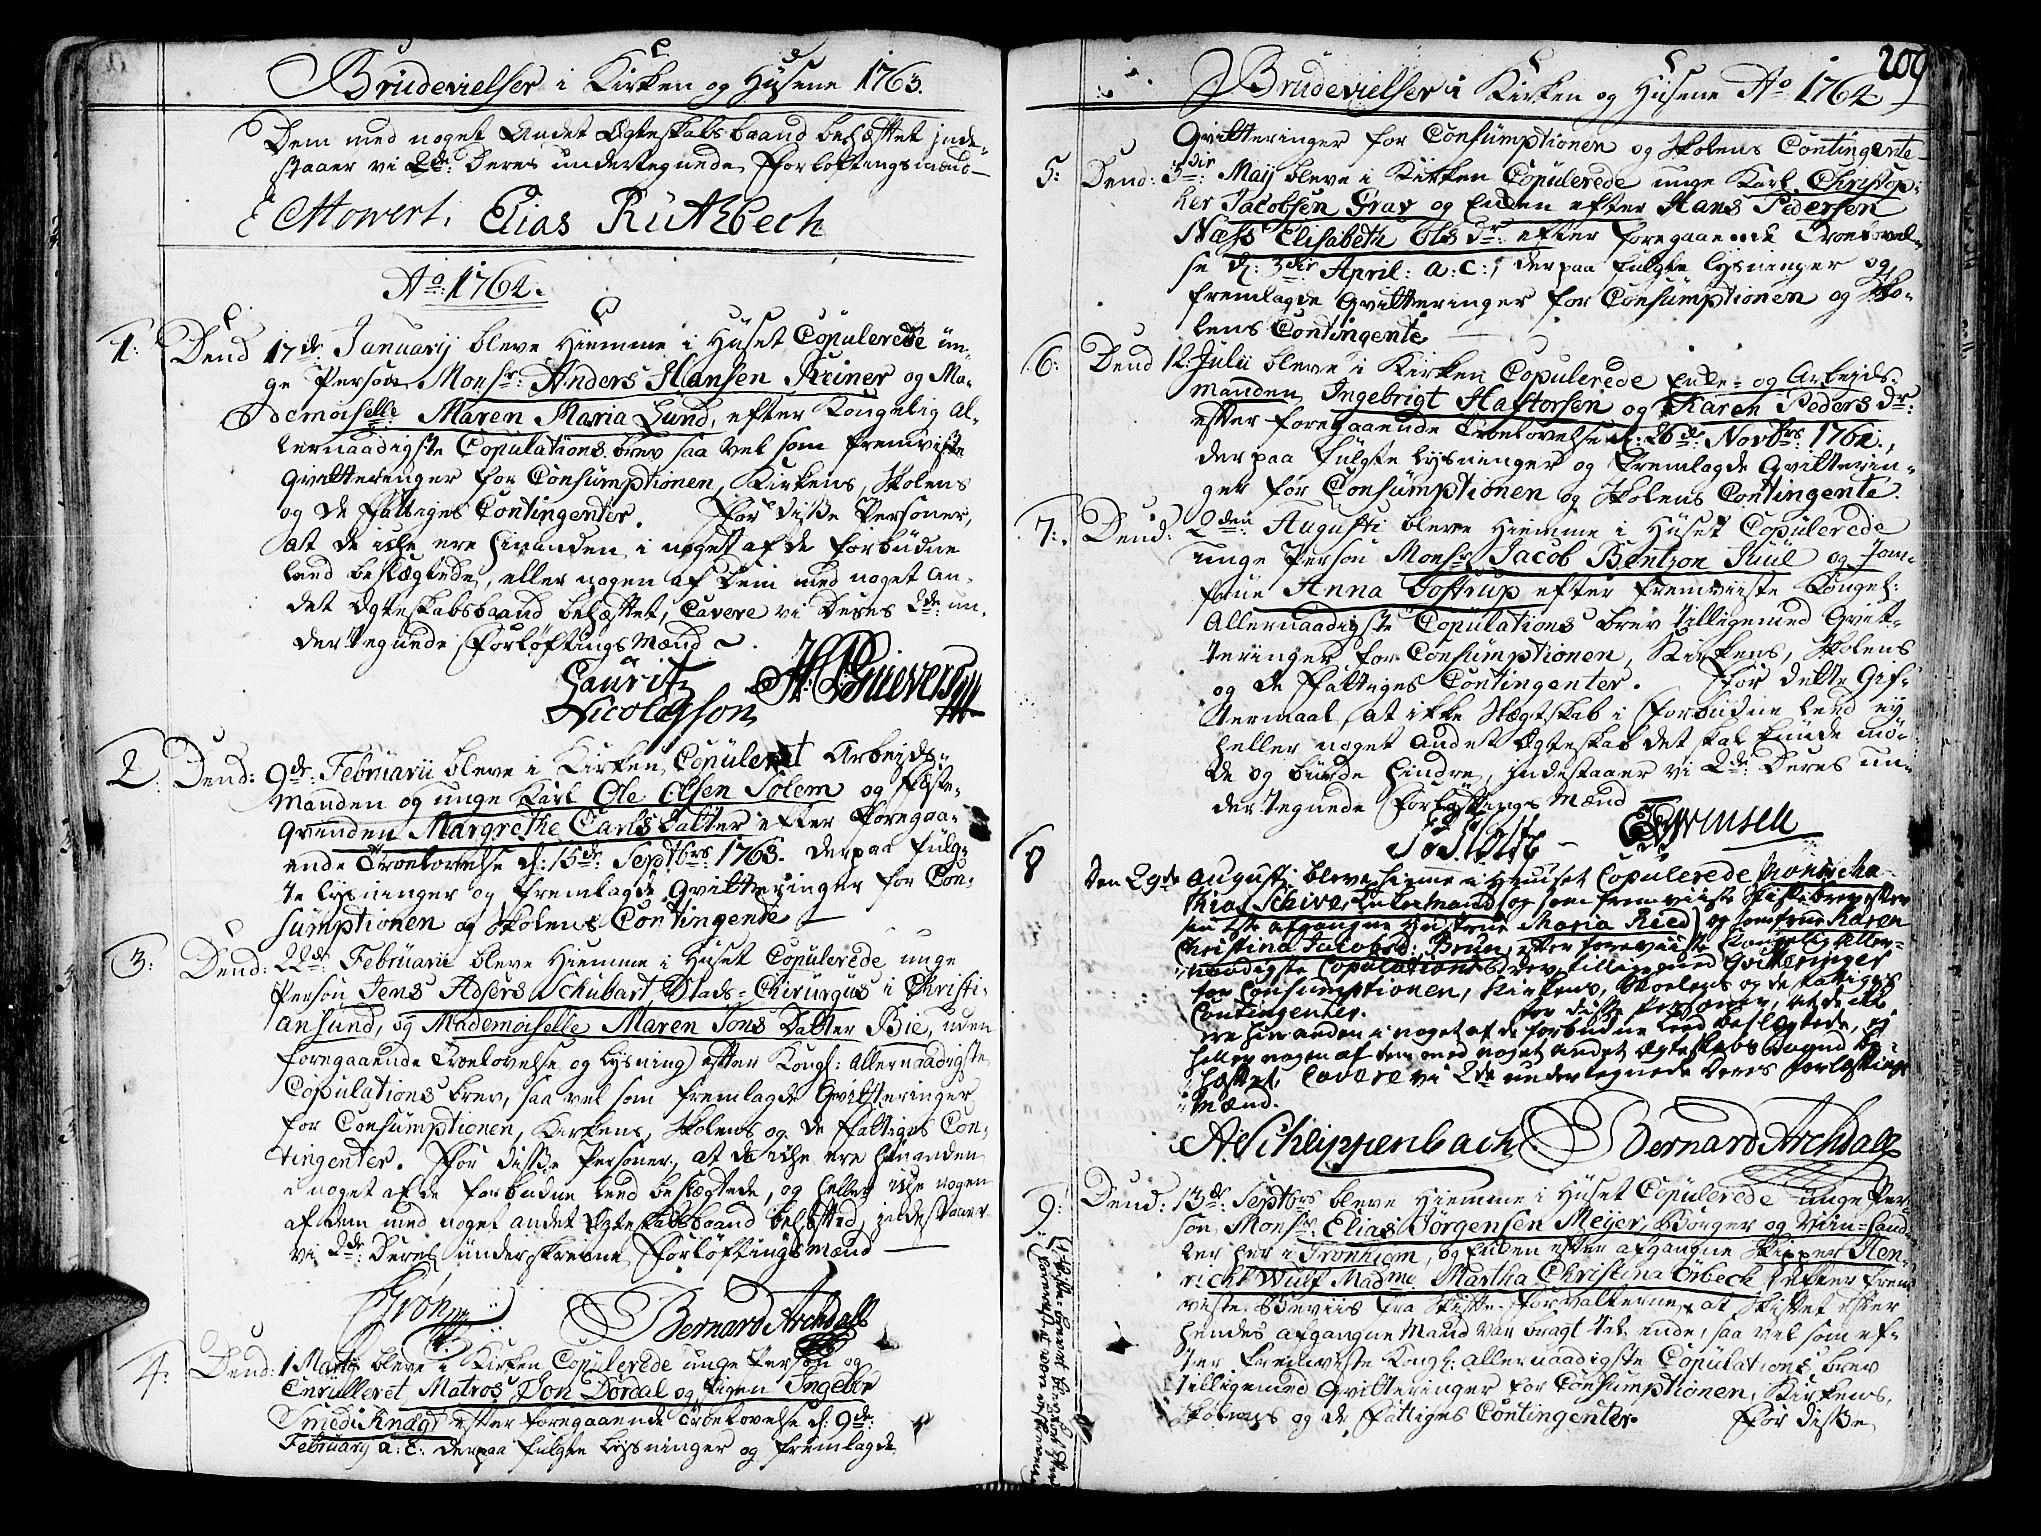 SAT, Ministerialprotokoller, klokkerbøker og fødselsregistre - Sør-Trøndelag, 602/L0103: Ministerialbok nr. 602A01, 1732-1774, s. 209